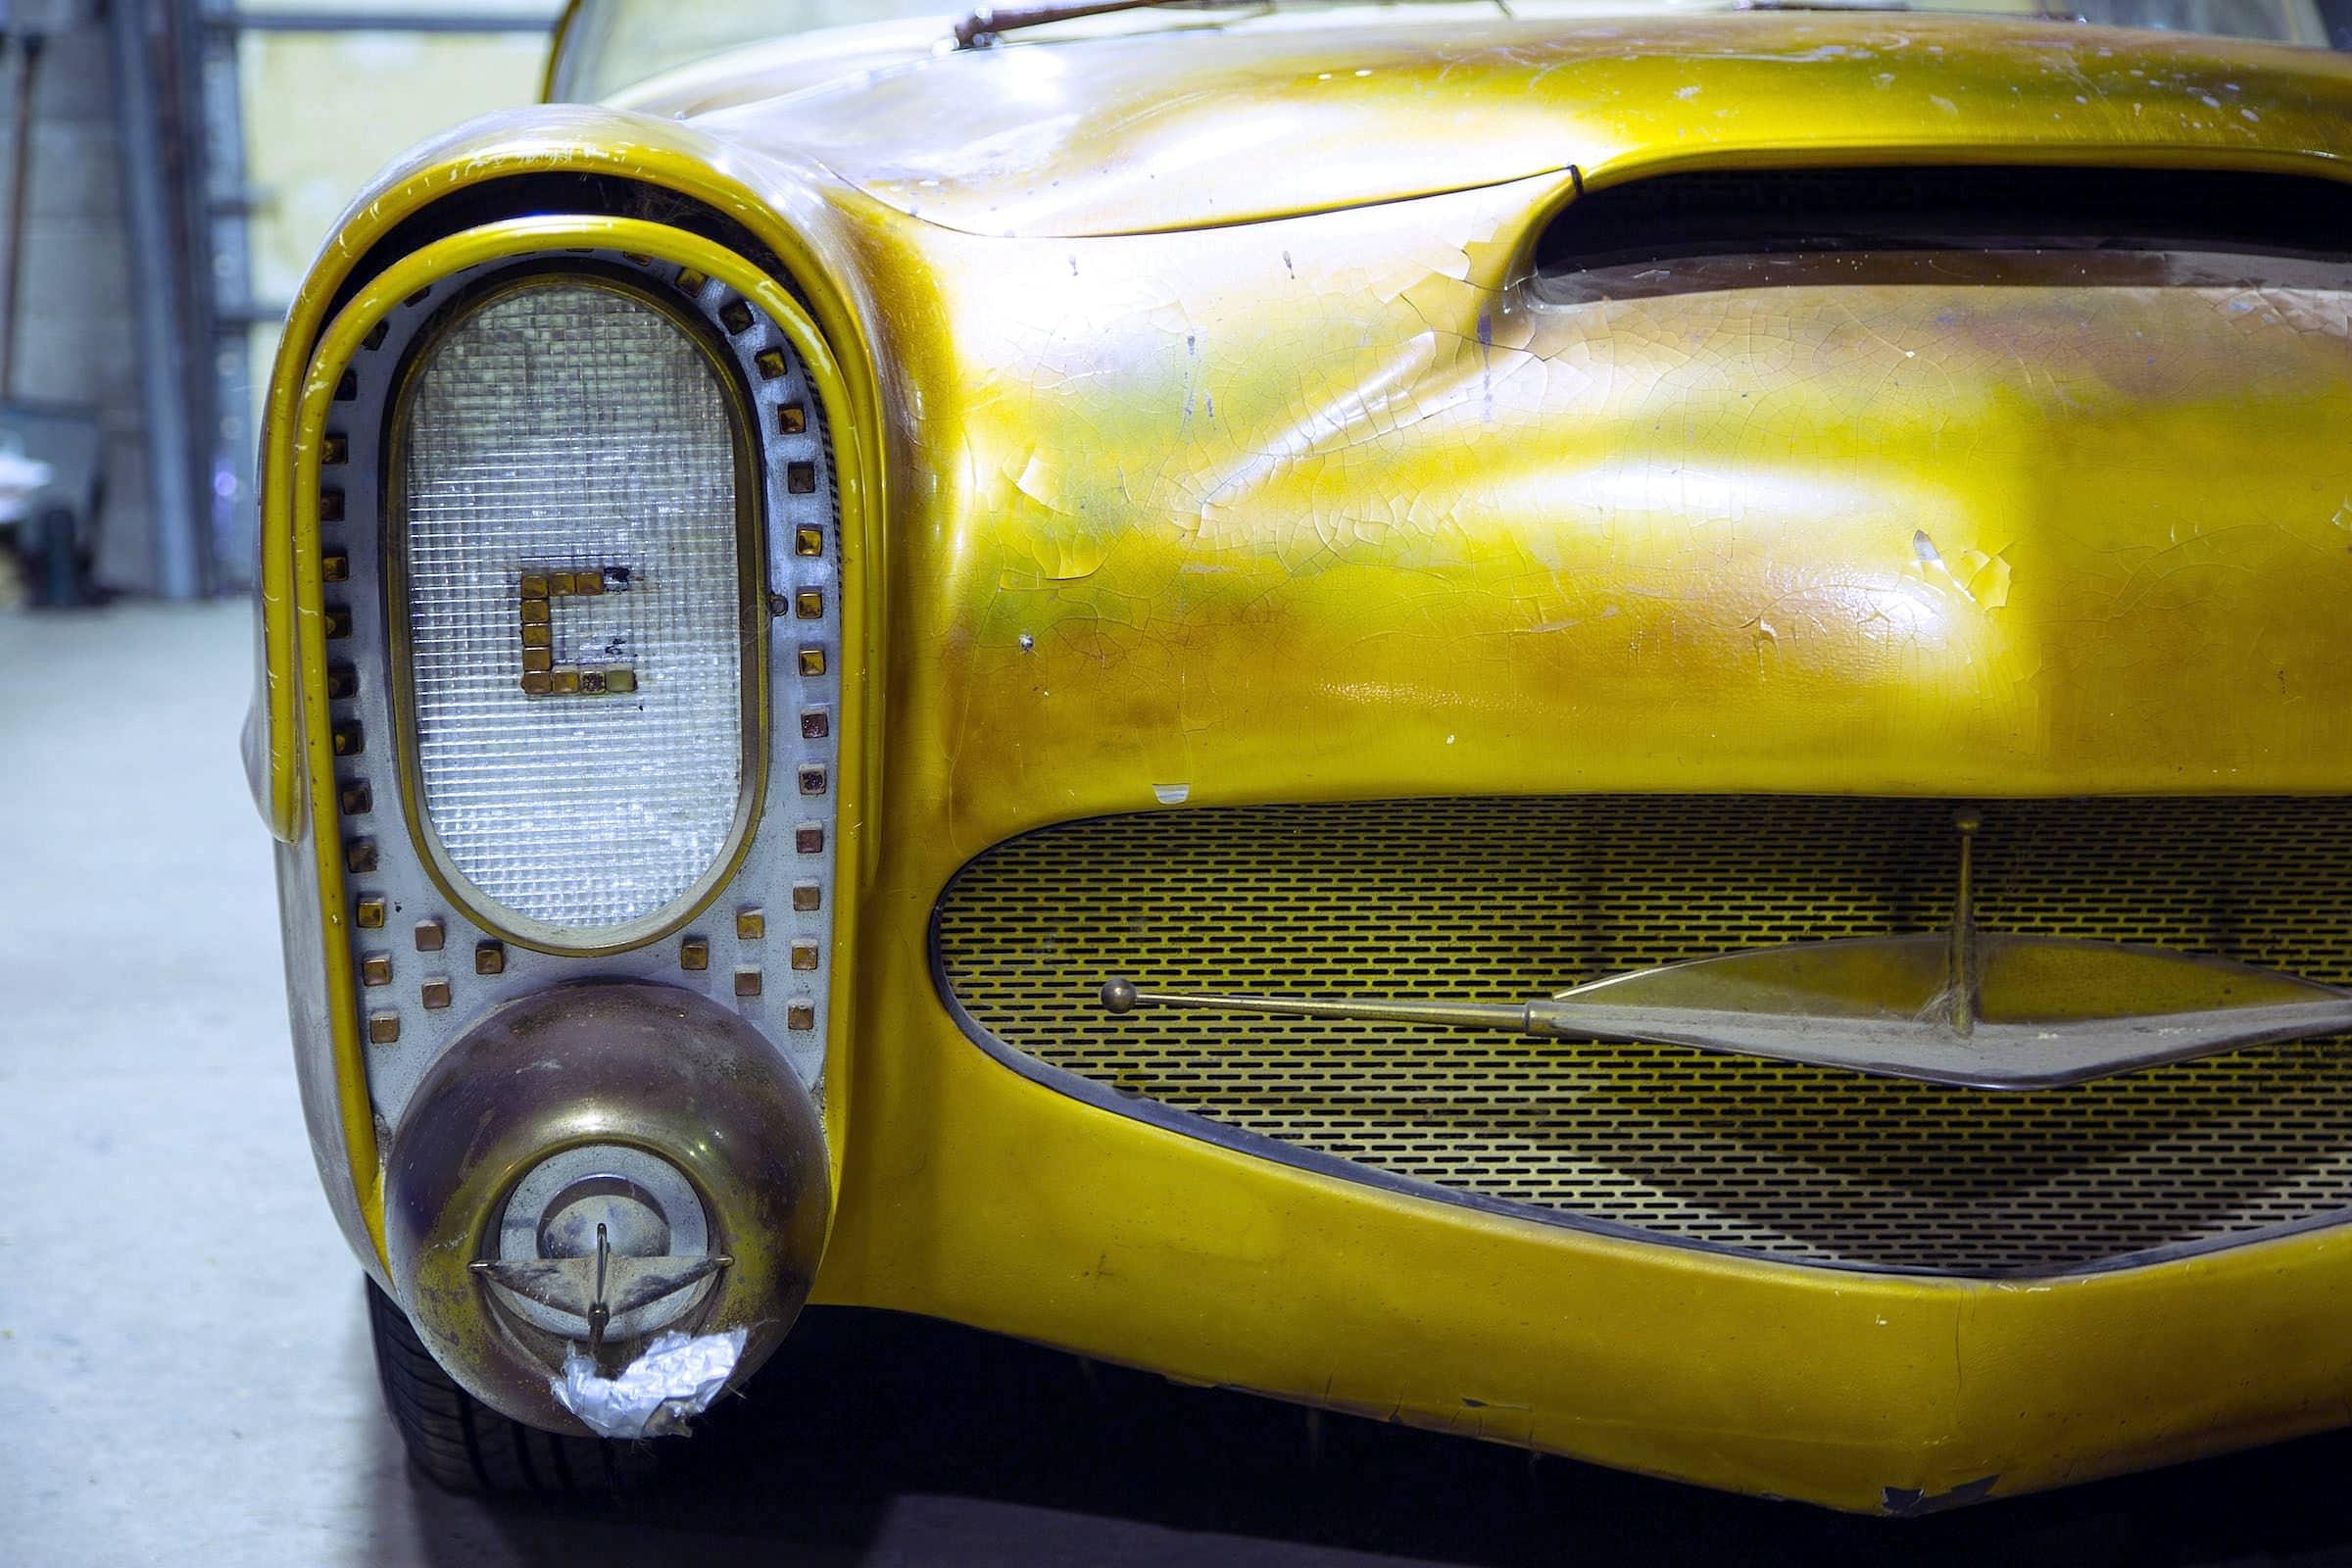 Golden Sahara I & II…première voiture autonome de l'histoire ! (+ vidéos) By gatsbyonline.com George-Barris-Golden-Sahara-03